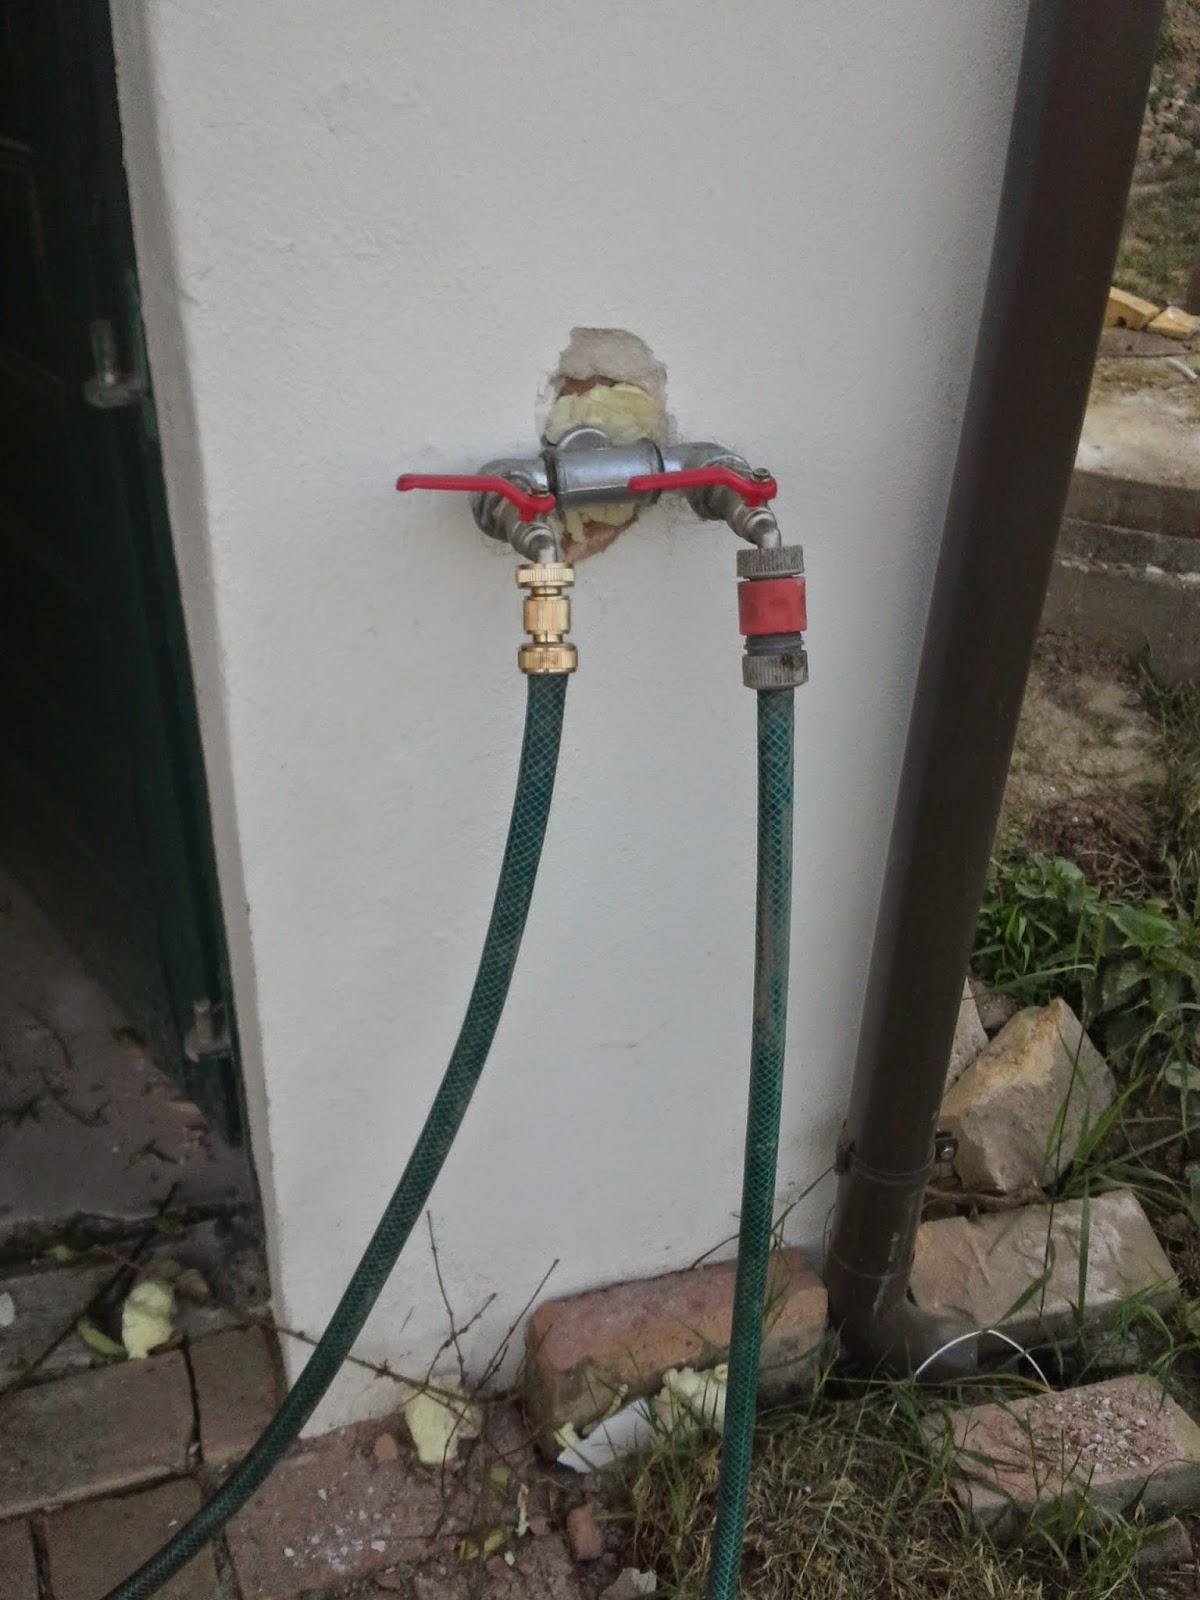 holz und metall - ein heimwerkerblog: wasser im garten/brunnenpumpe